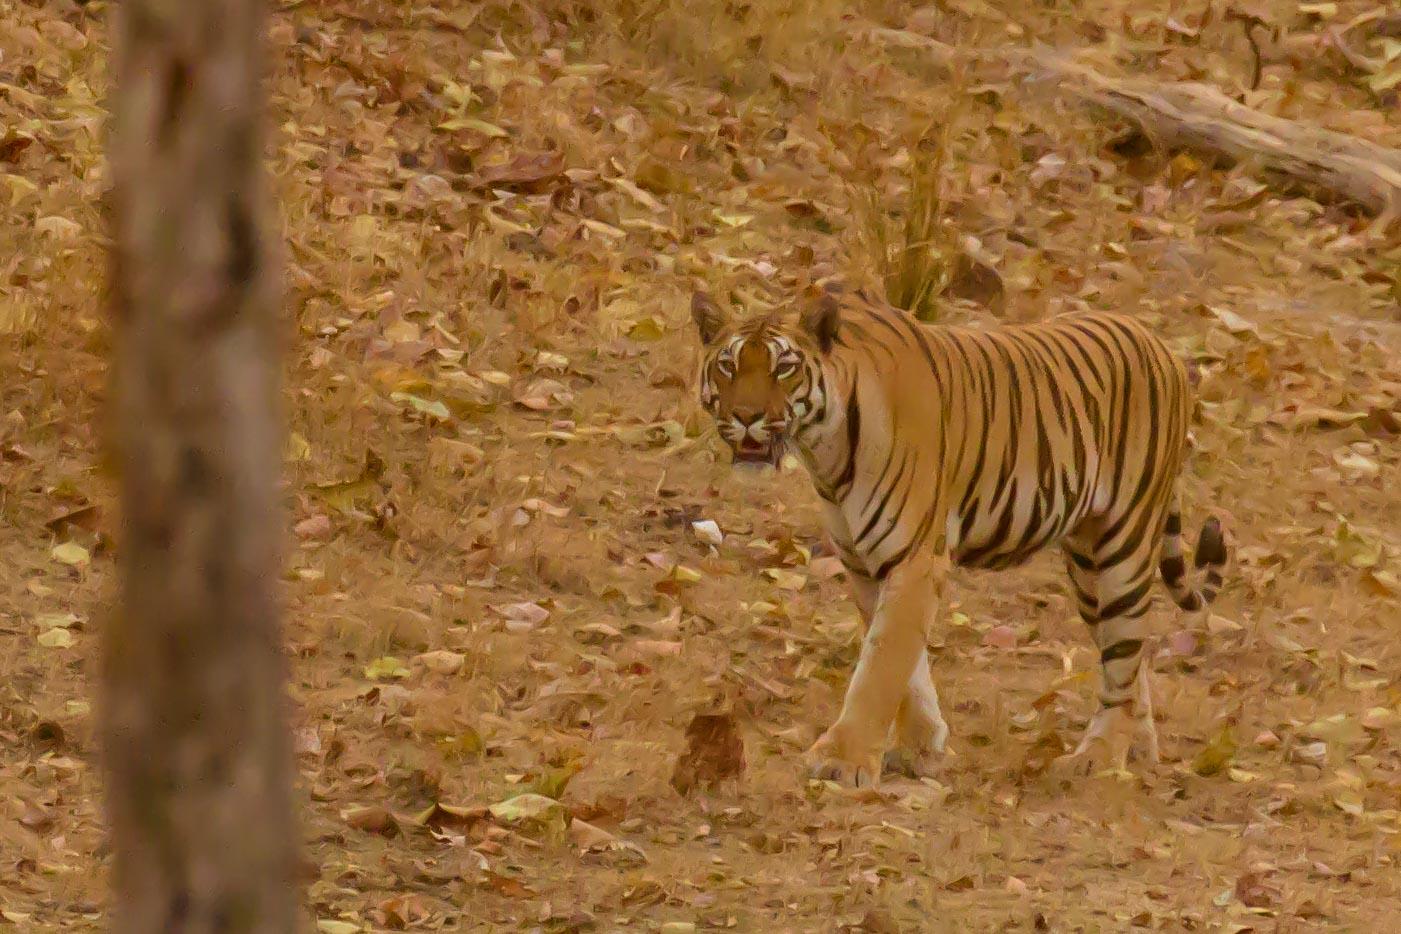 Pench - Tiger 1.jpg